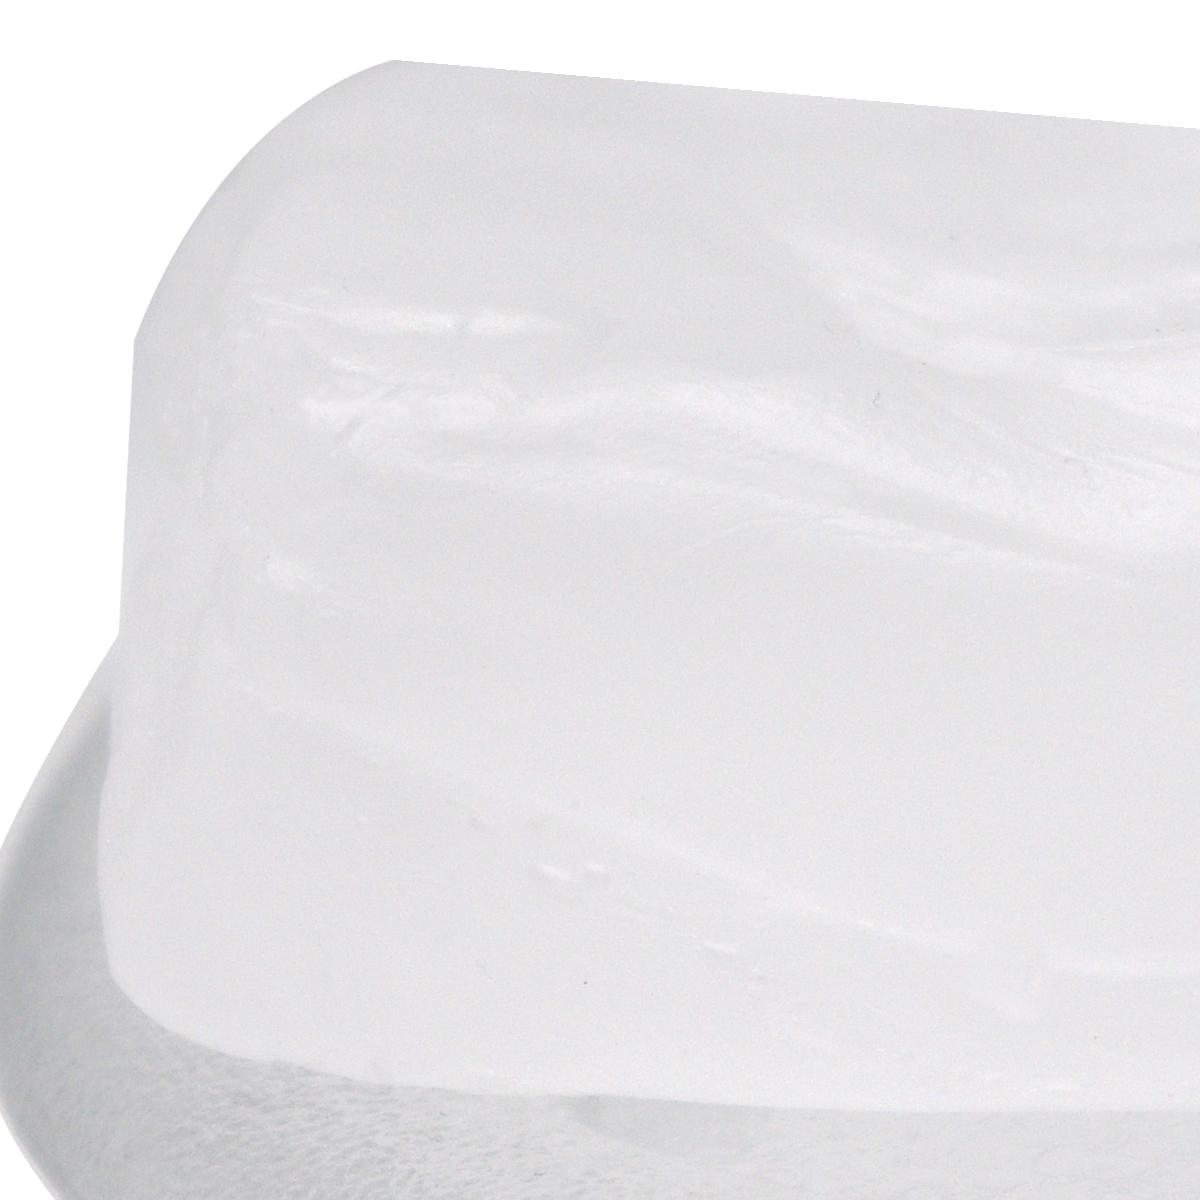 国産パラフィンワックス融点47℃(低融点/ブロック状) 1kg/5kg/10kg